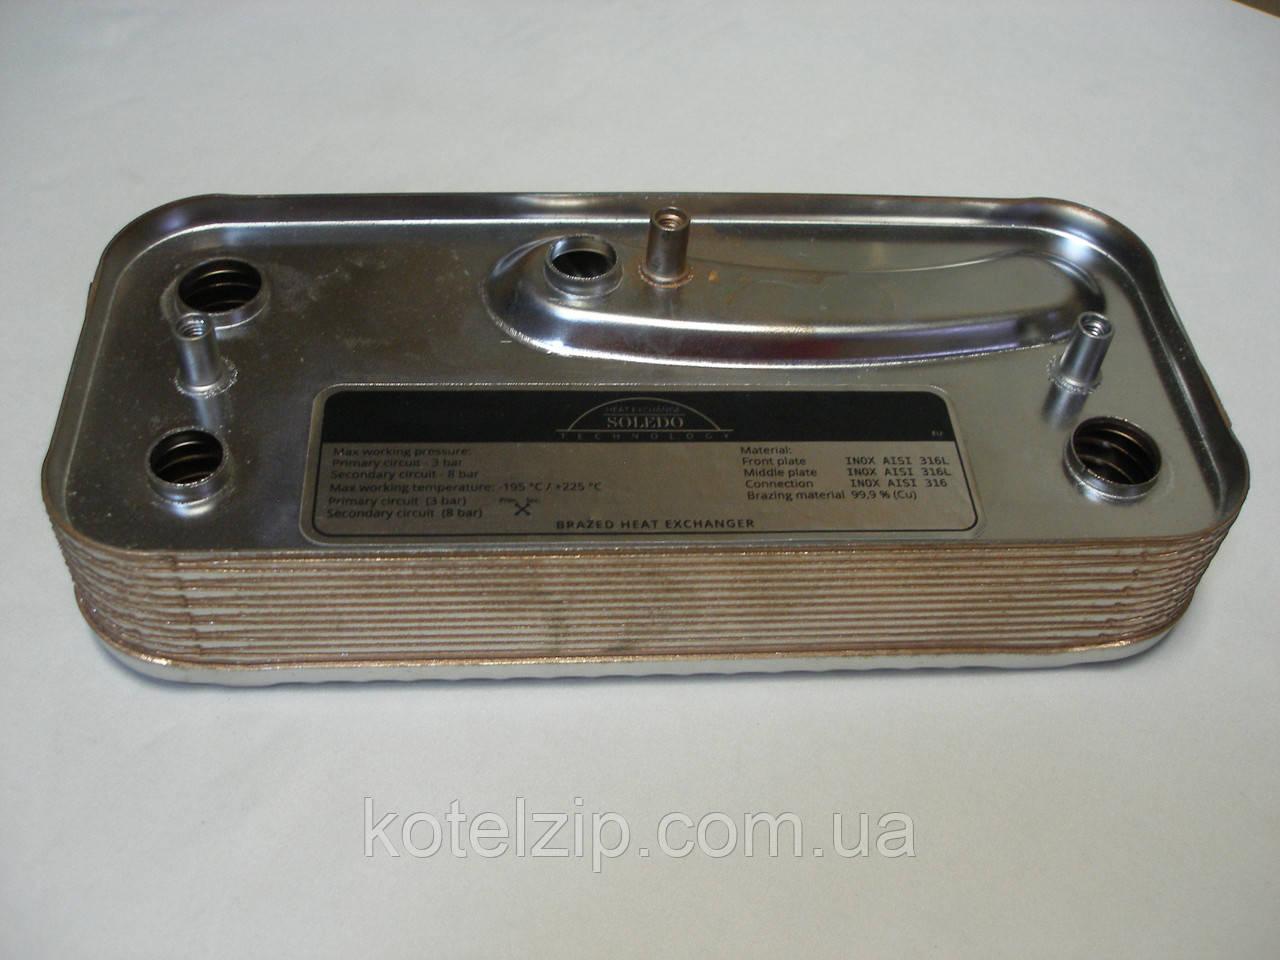 Уплотнения теплообменника Анвитэк AMX 300 Элиста